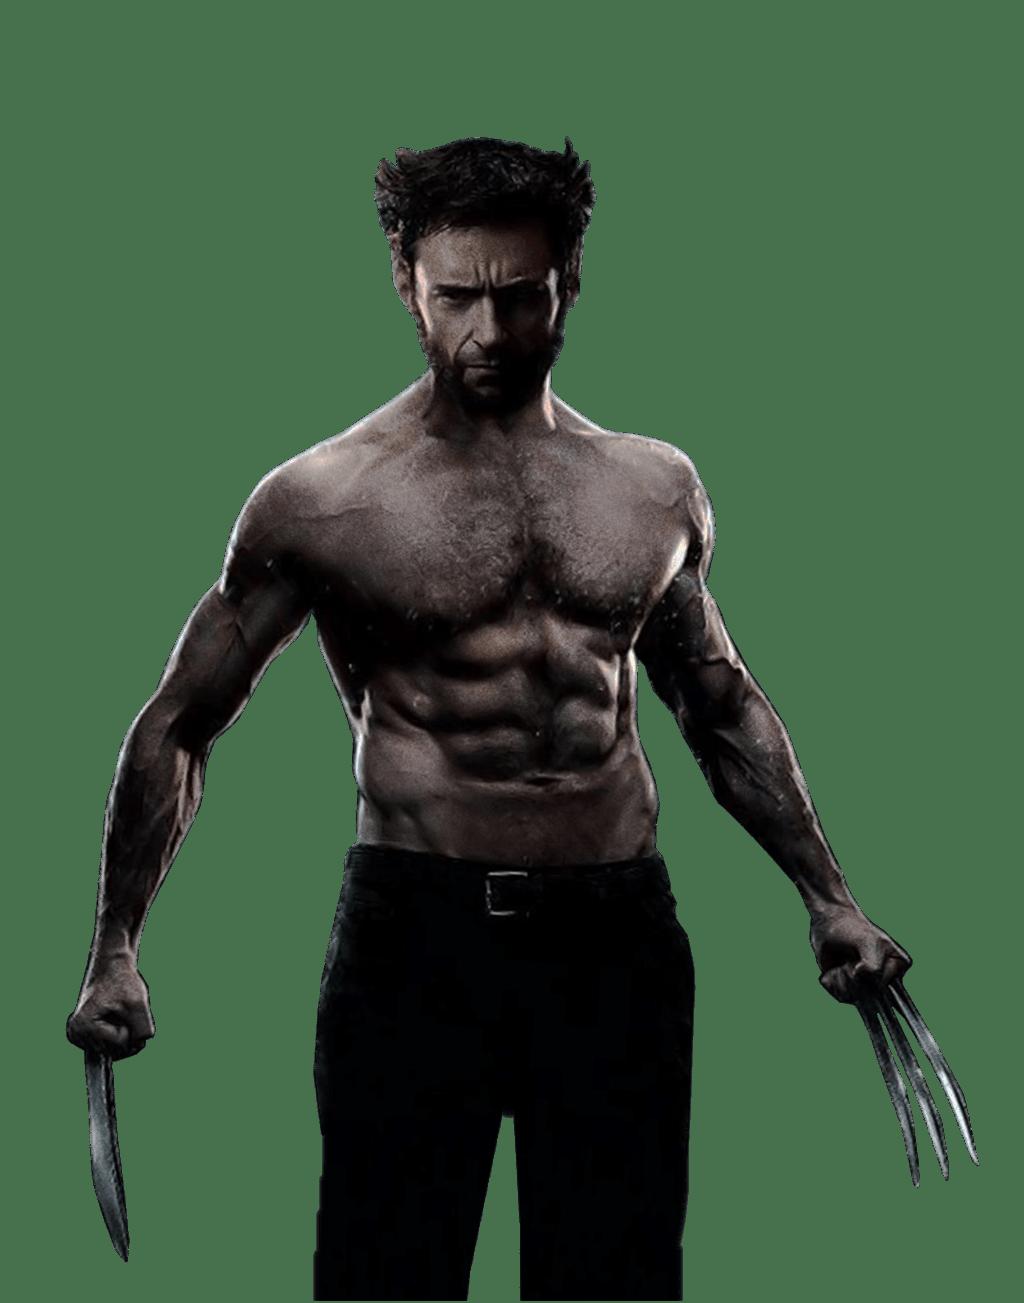 Hugh Jackman Wolverine Wolverine Hugh Jackman Hugh Jackman Jackman